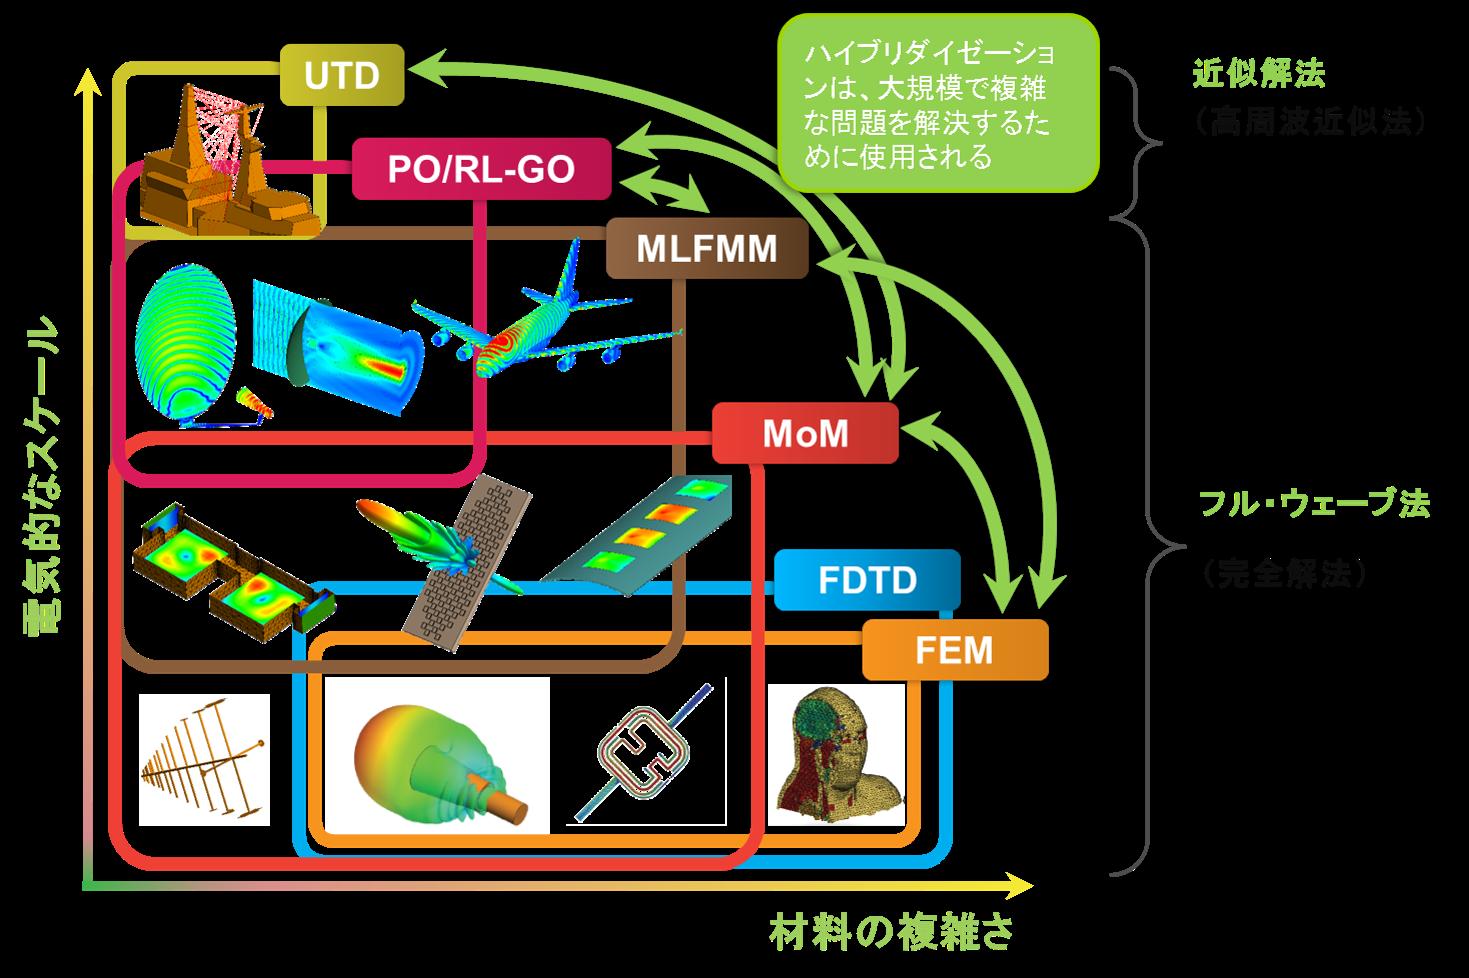 高周波電磁界解析ソフトFEKO-適用範囲